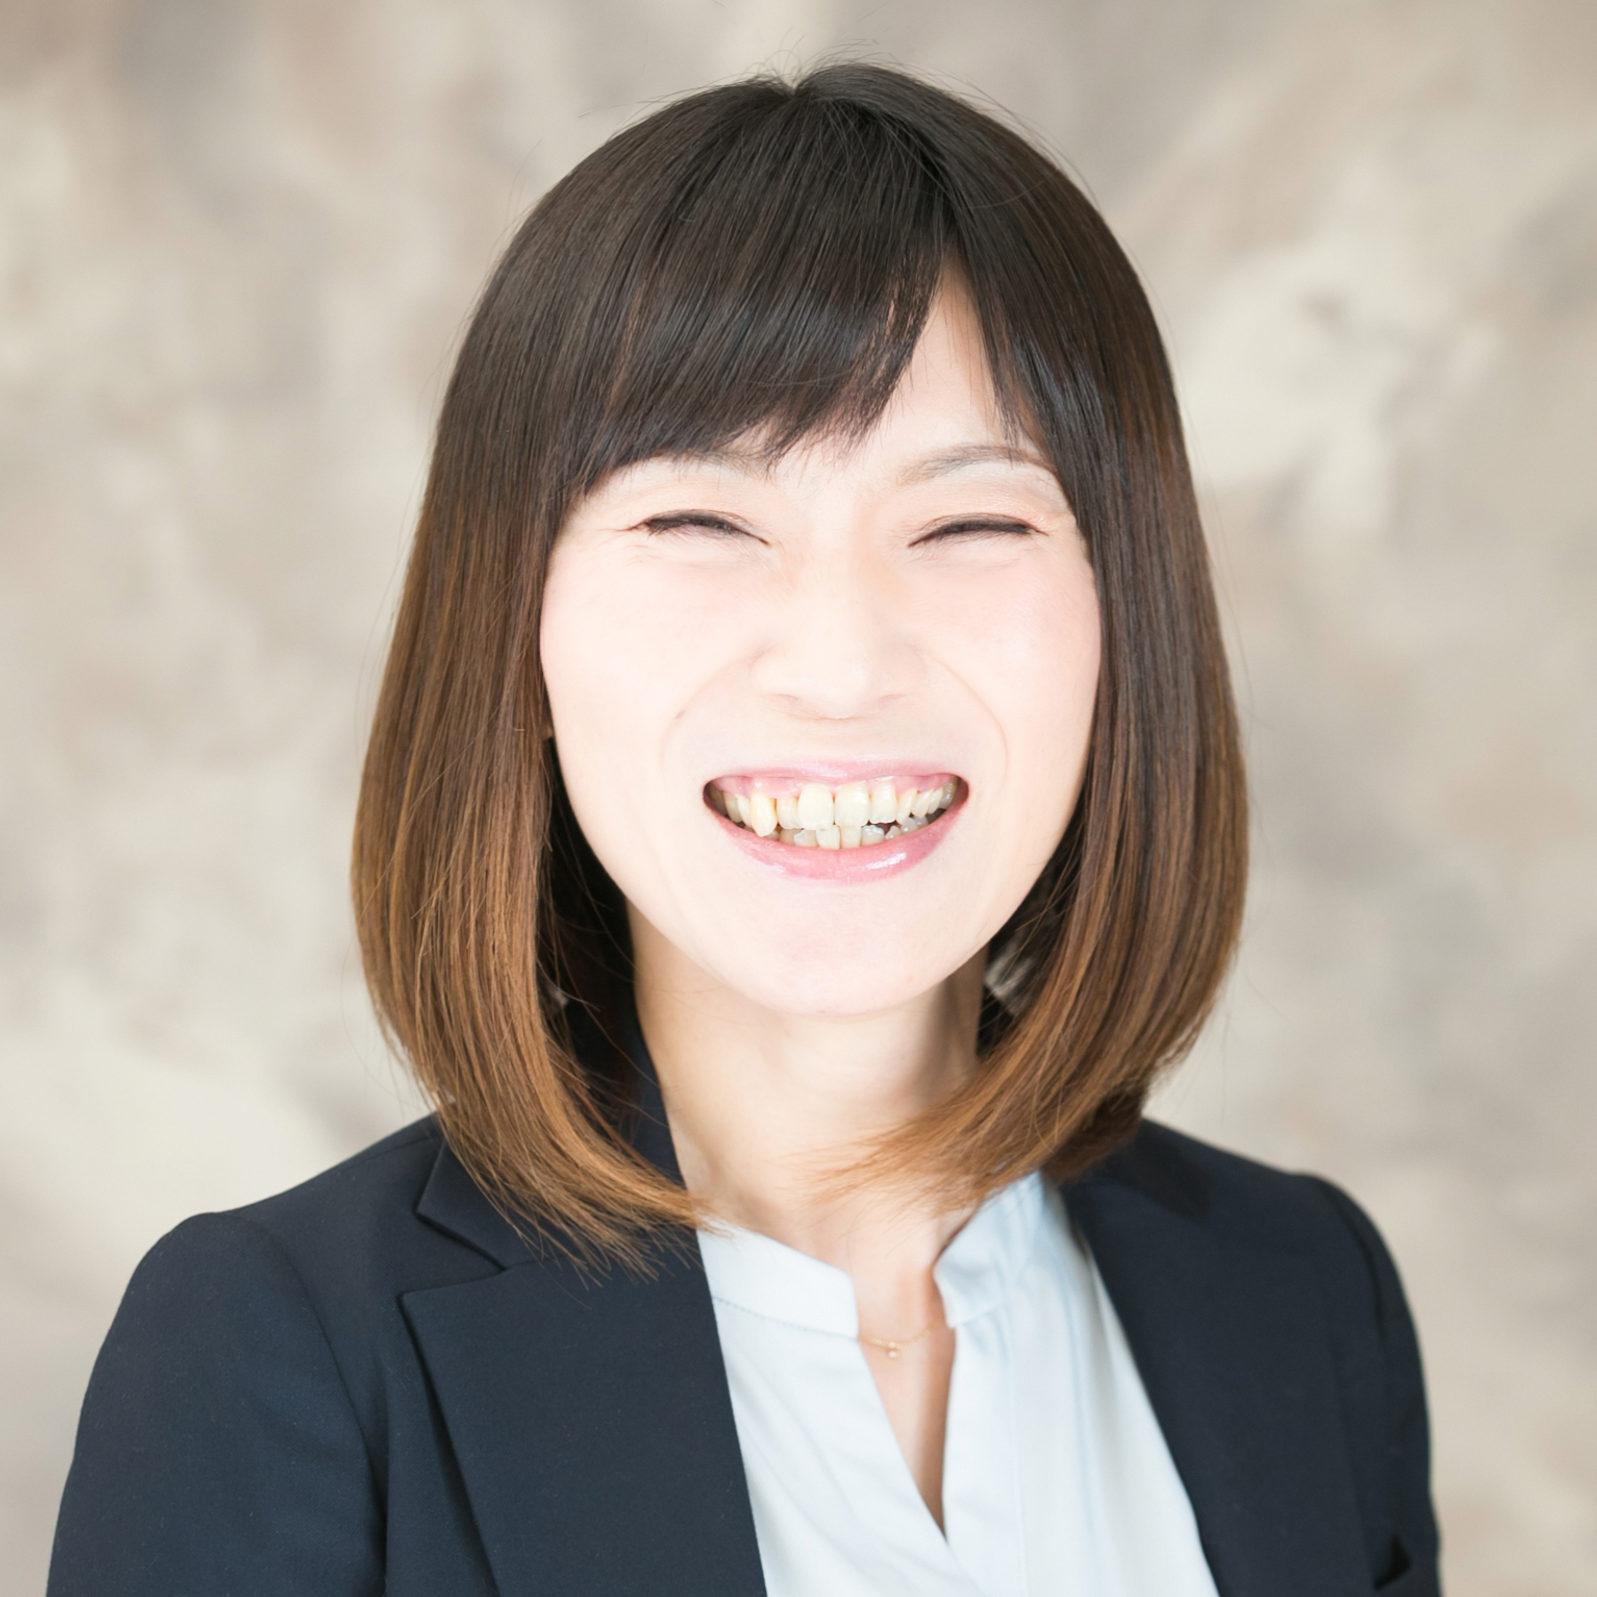 キャリアコンサルタント 藤本理恵